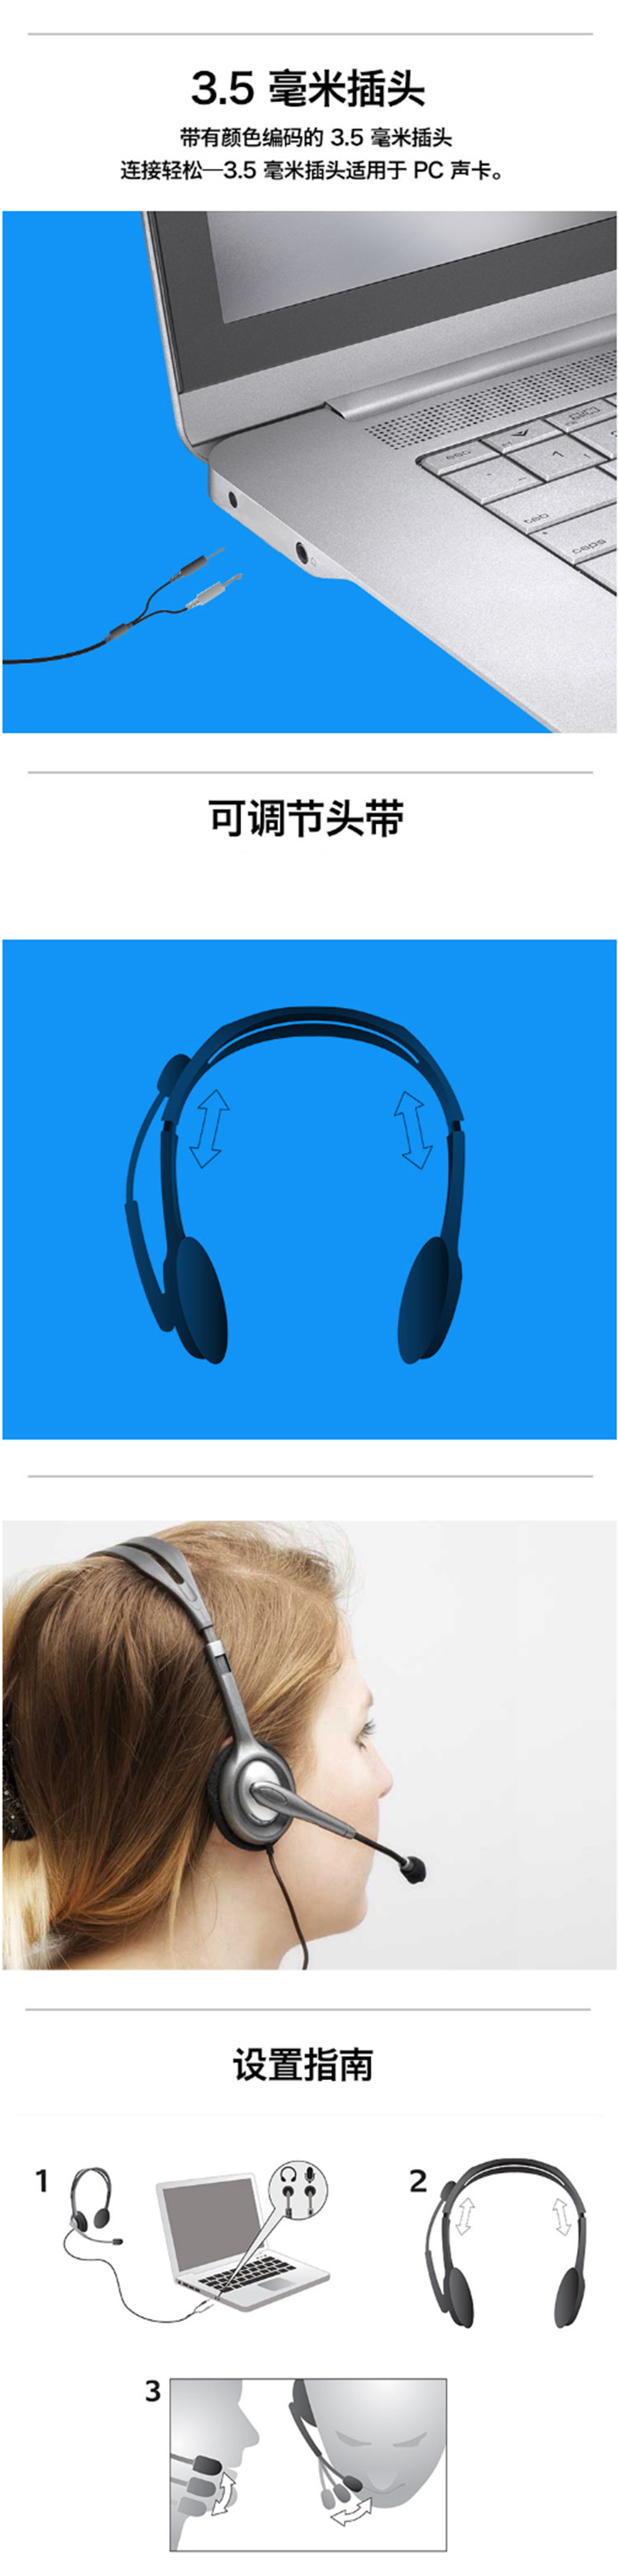 罗技(Logitech) H110 多功能头戴式立体声耳机耳麦 H110